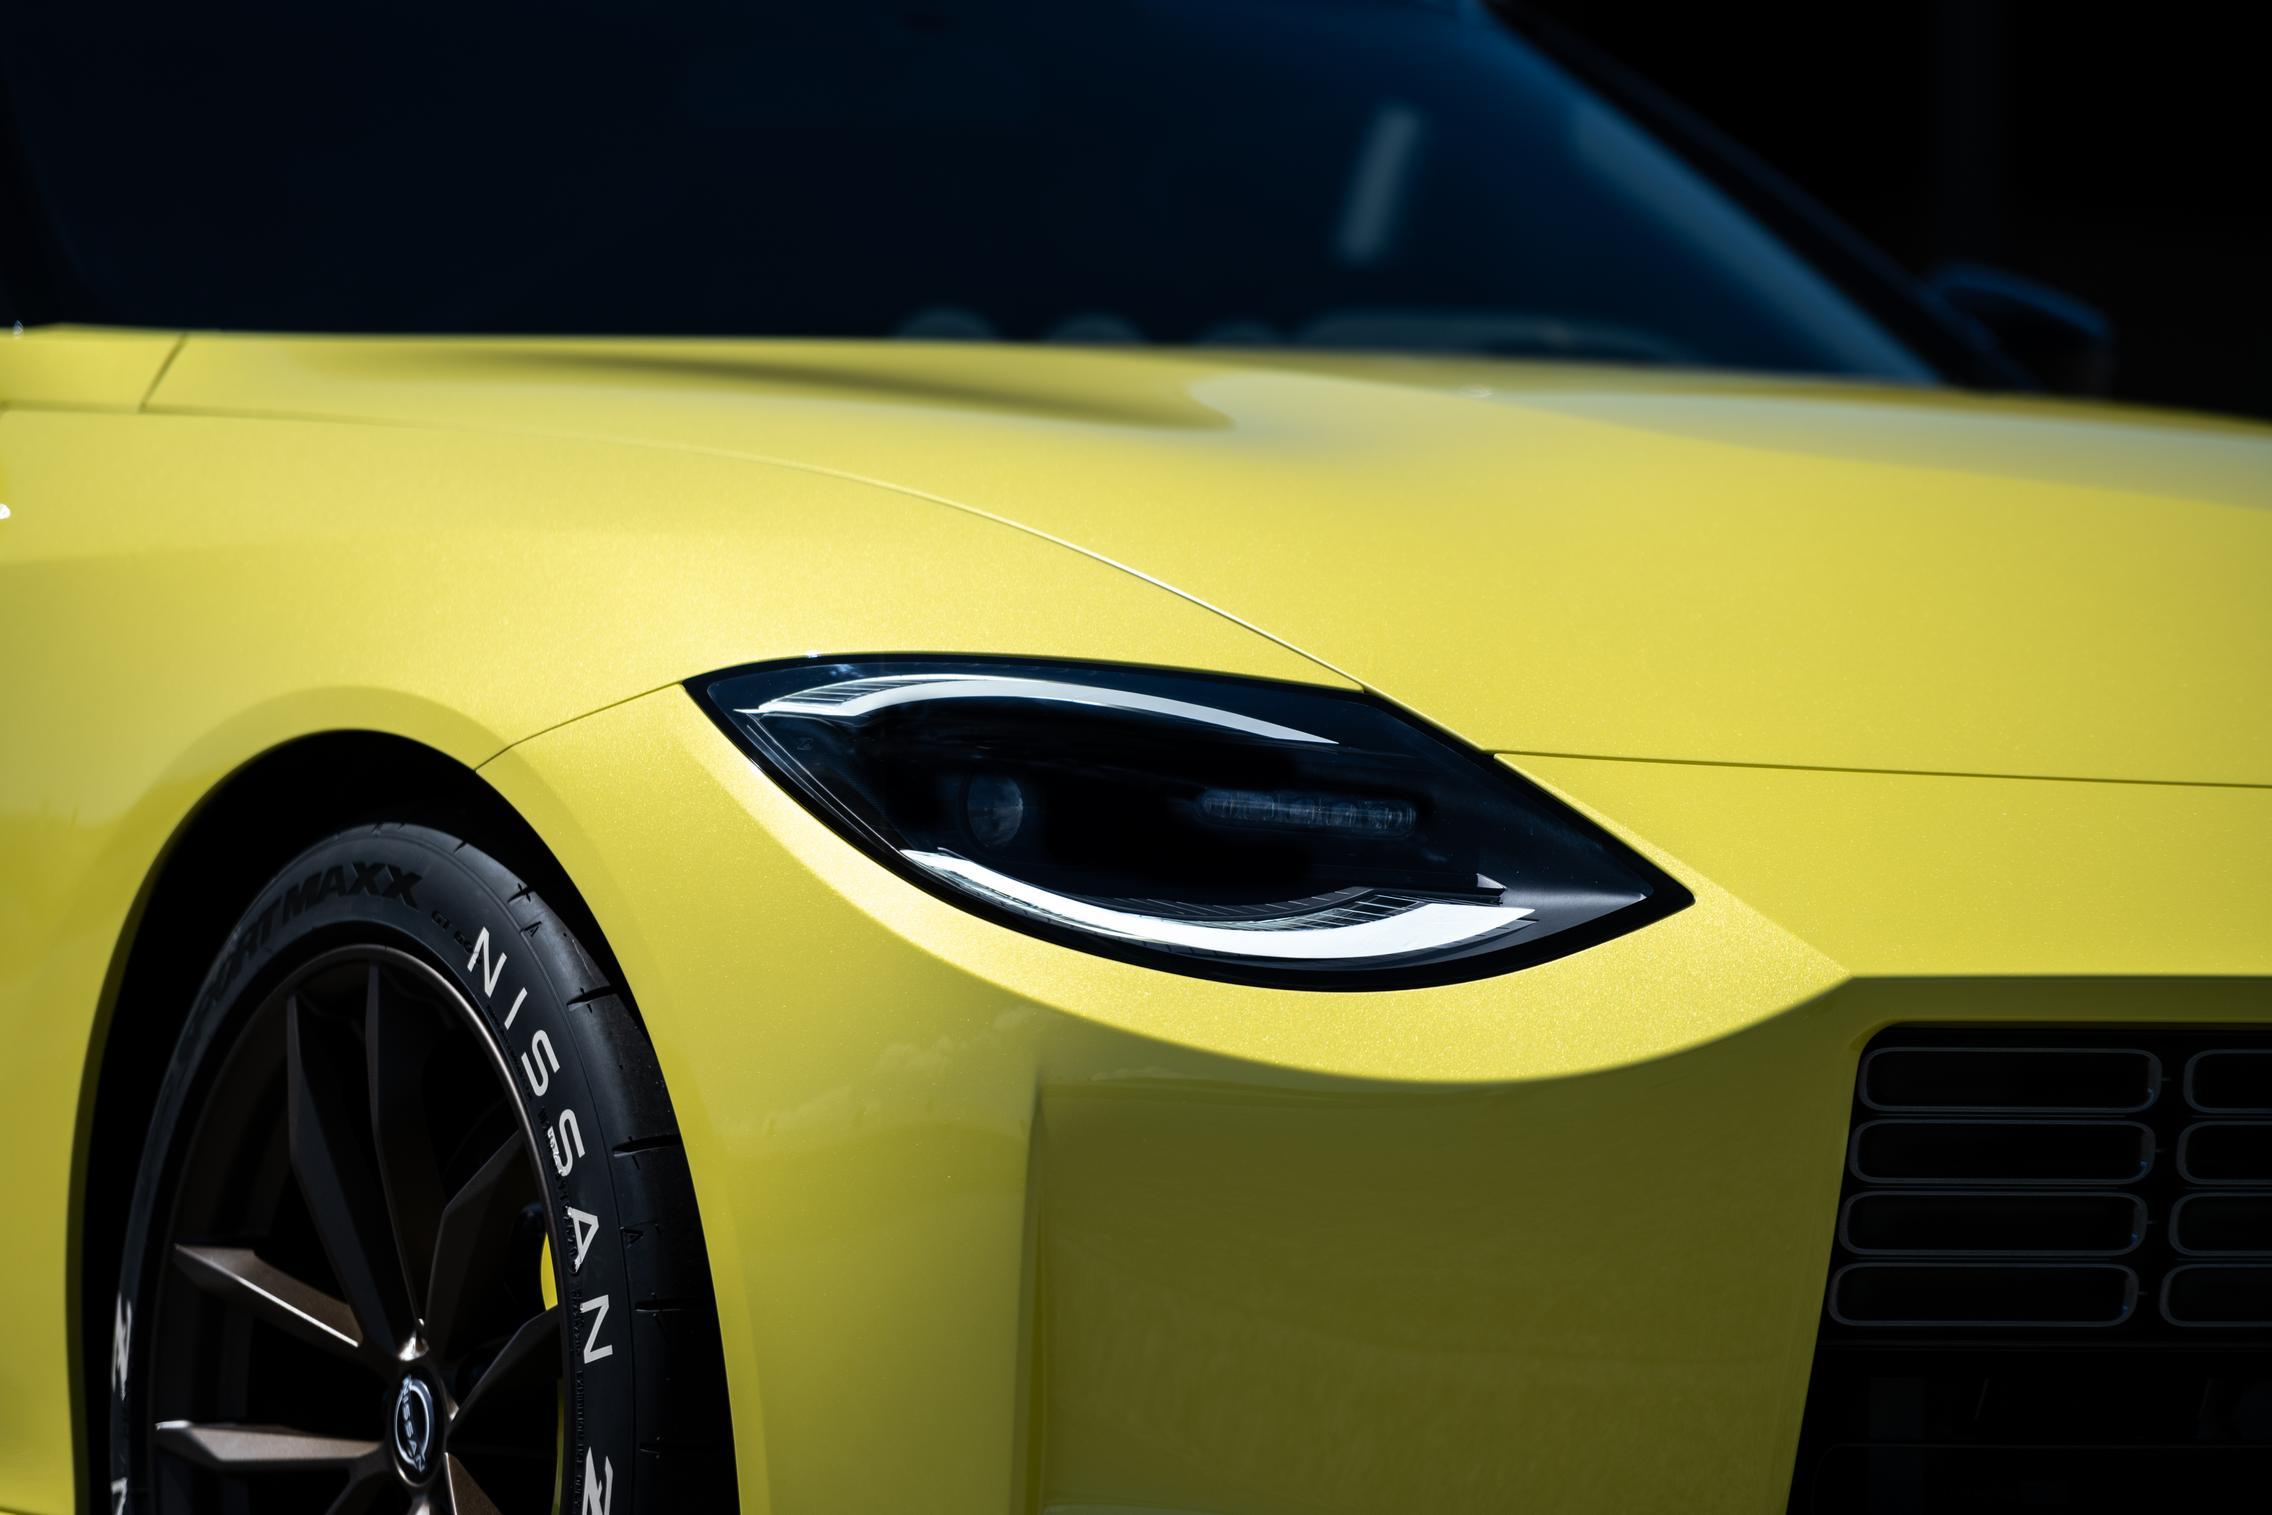 Самая привлекательная особенность Nissan Z Proto - ярко-желтая перламутровая окраска. Она восходит к классическим 240Z и 300ZX первого поколения. Схема окраски была популярной на обеих моделях.